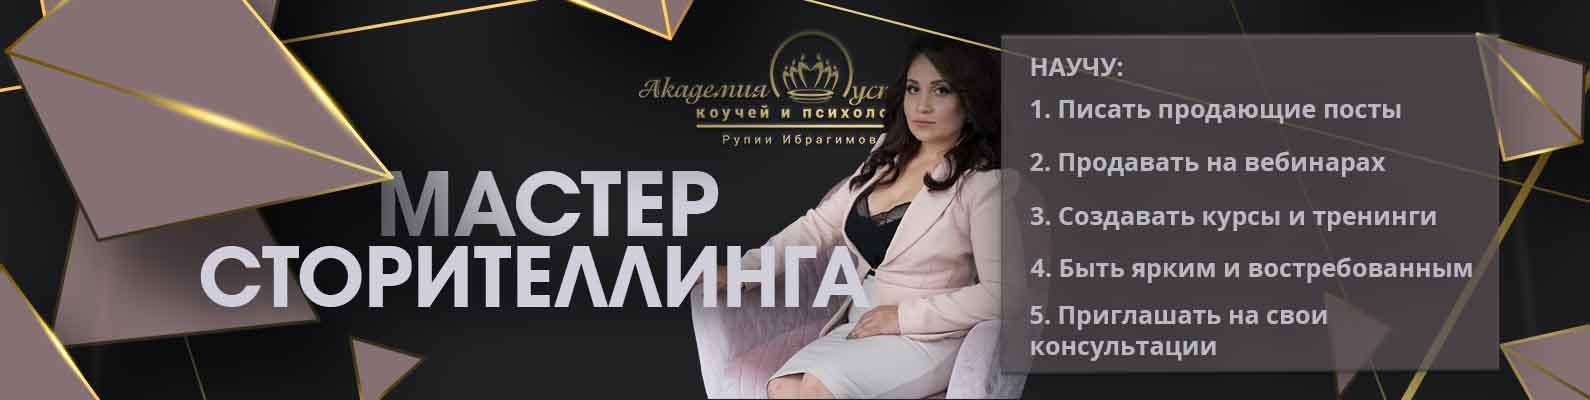 заказать баннер в Кривом Роге, Киеве, Украине